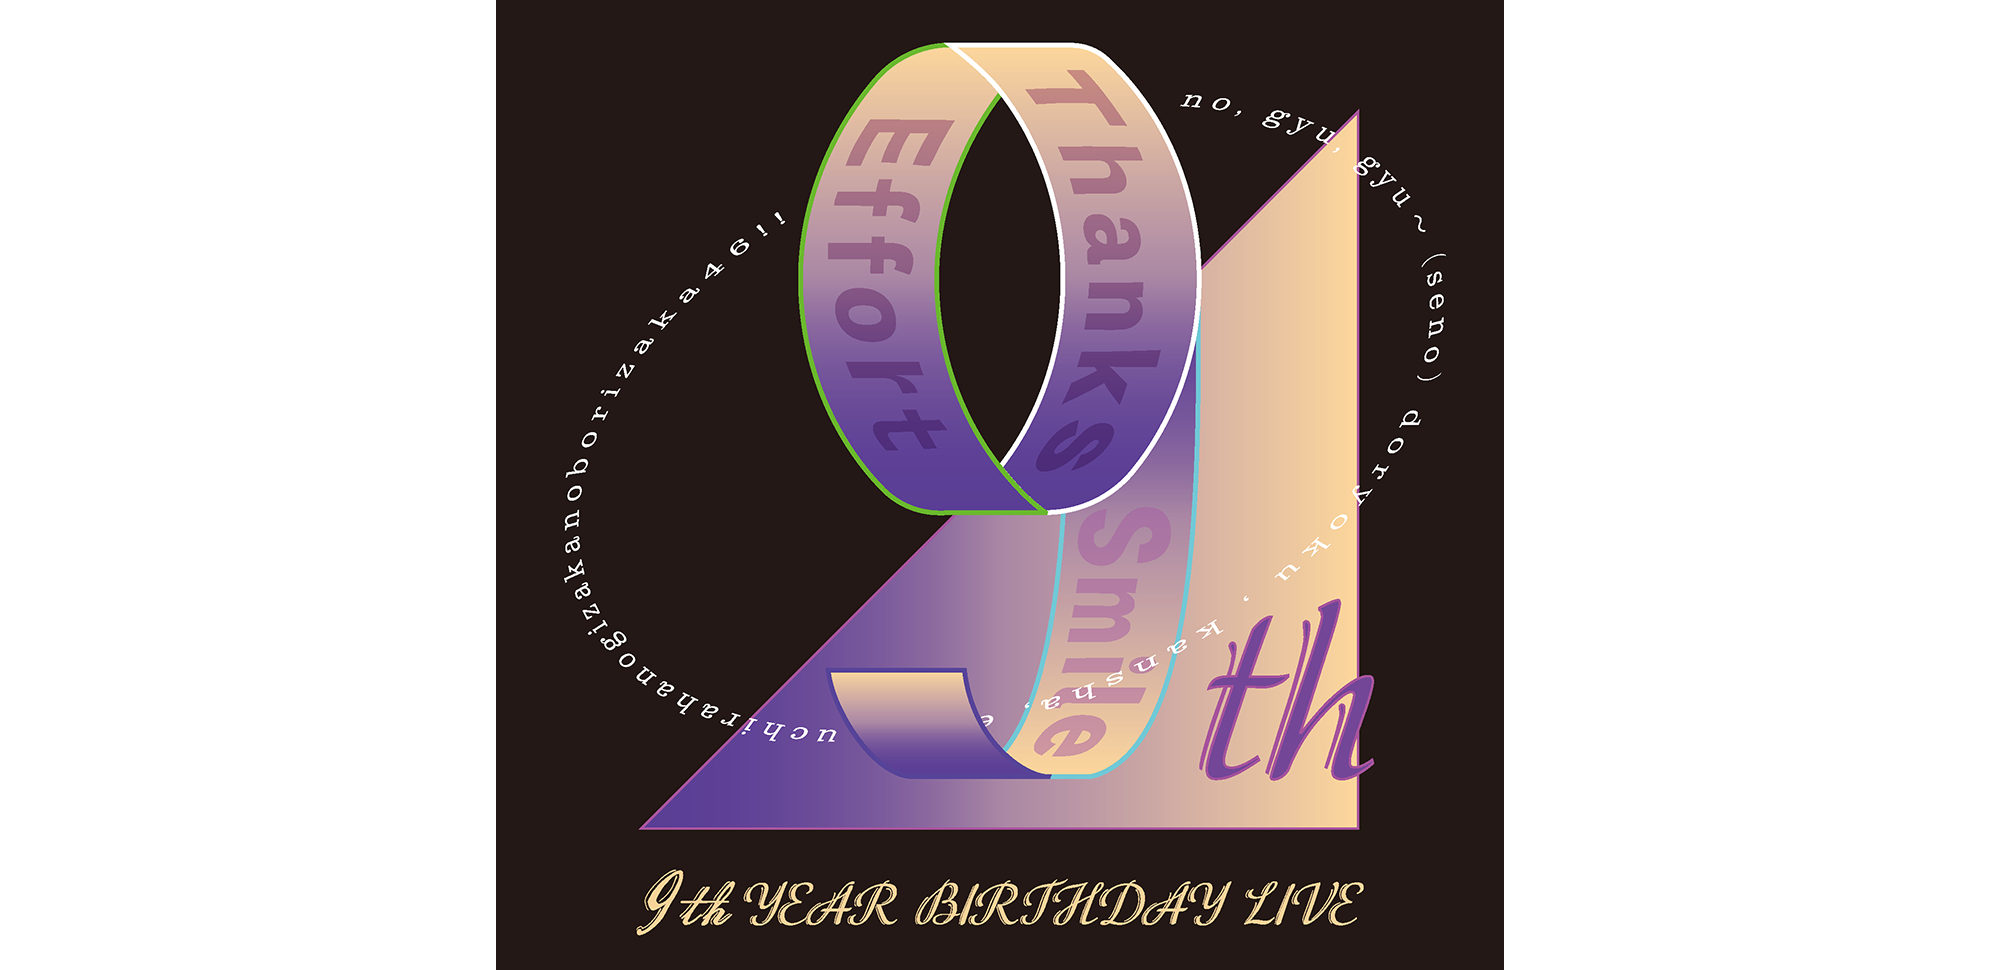 バースデー ライブ 9th 乃木坂 乃木坂46「9th YEAR